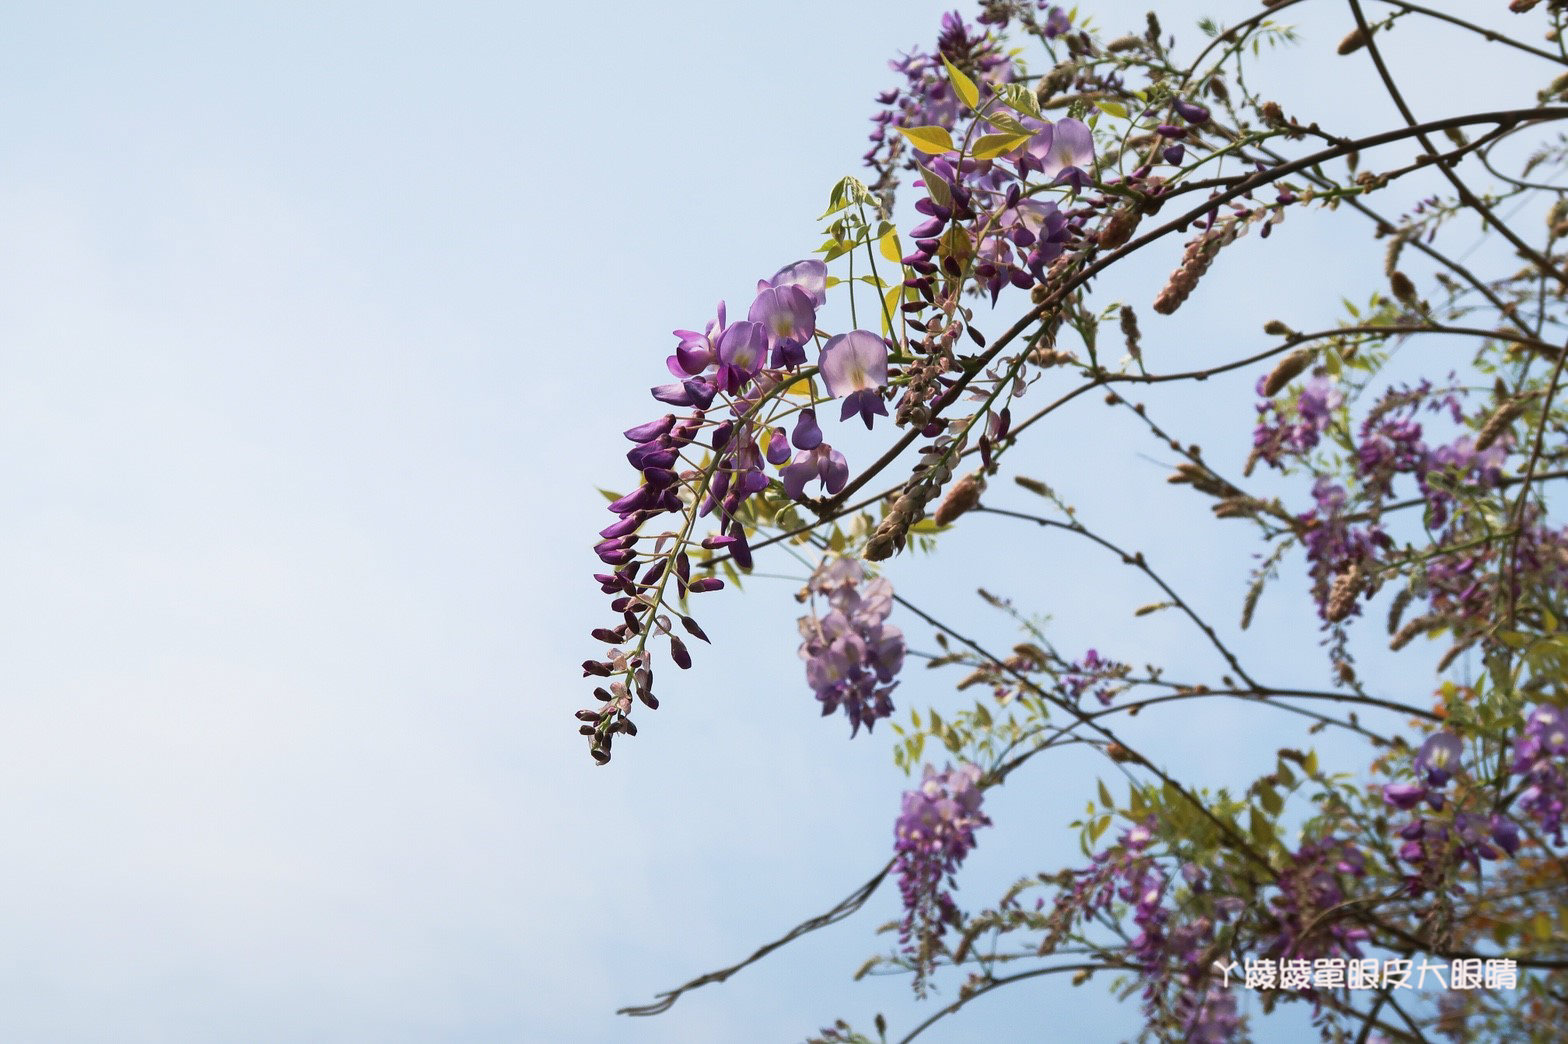 紫藤花浪漫來襲!新竹免費欣賞夢幻紫藤花海的旅遊景點,還有兩層樓高的彩色瀑布溜滑梯